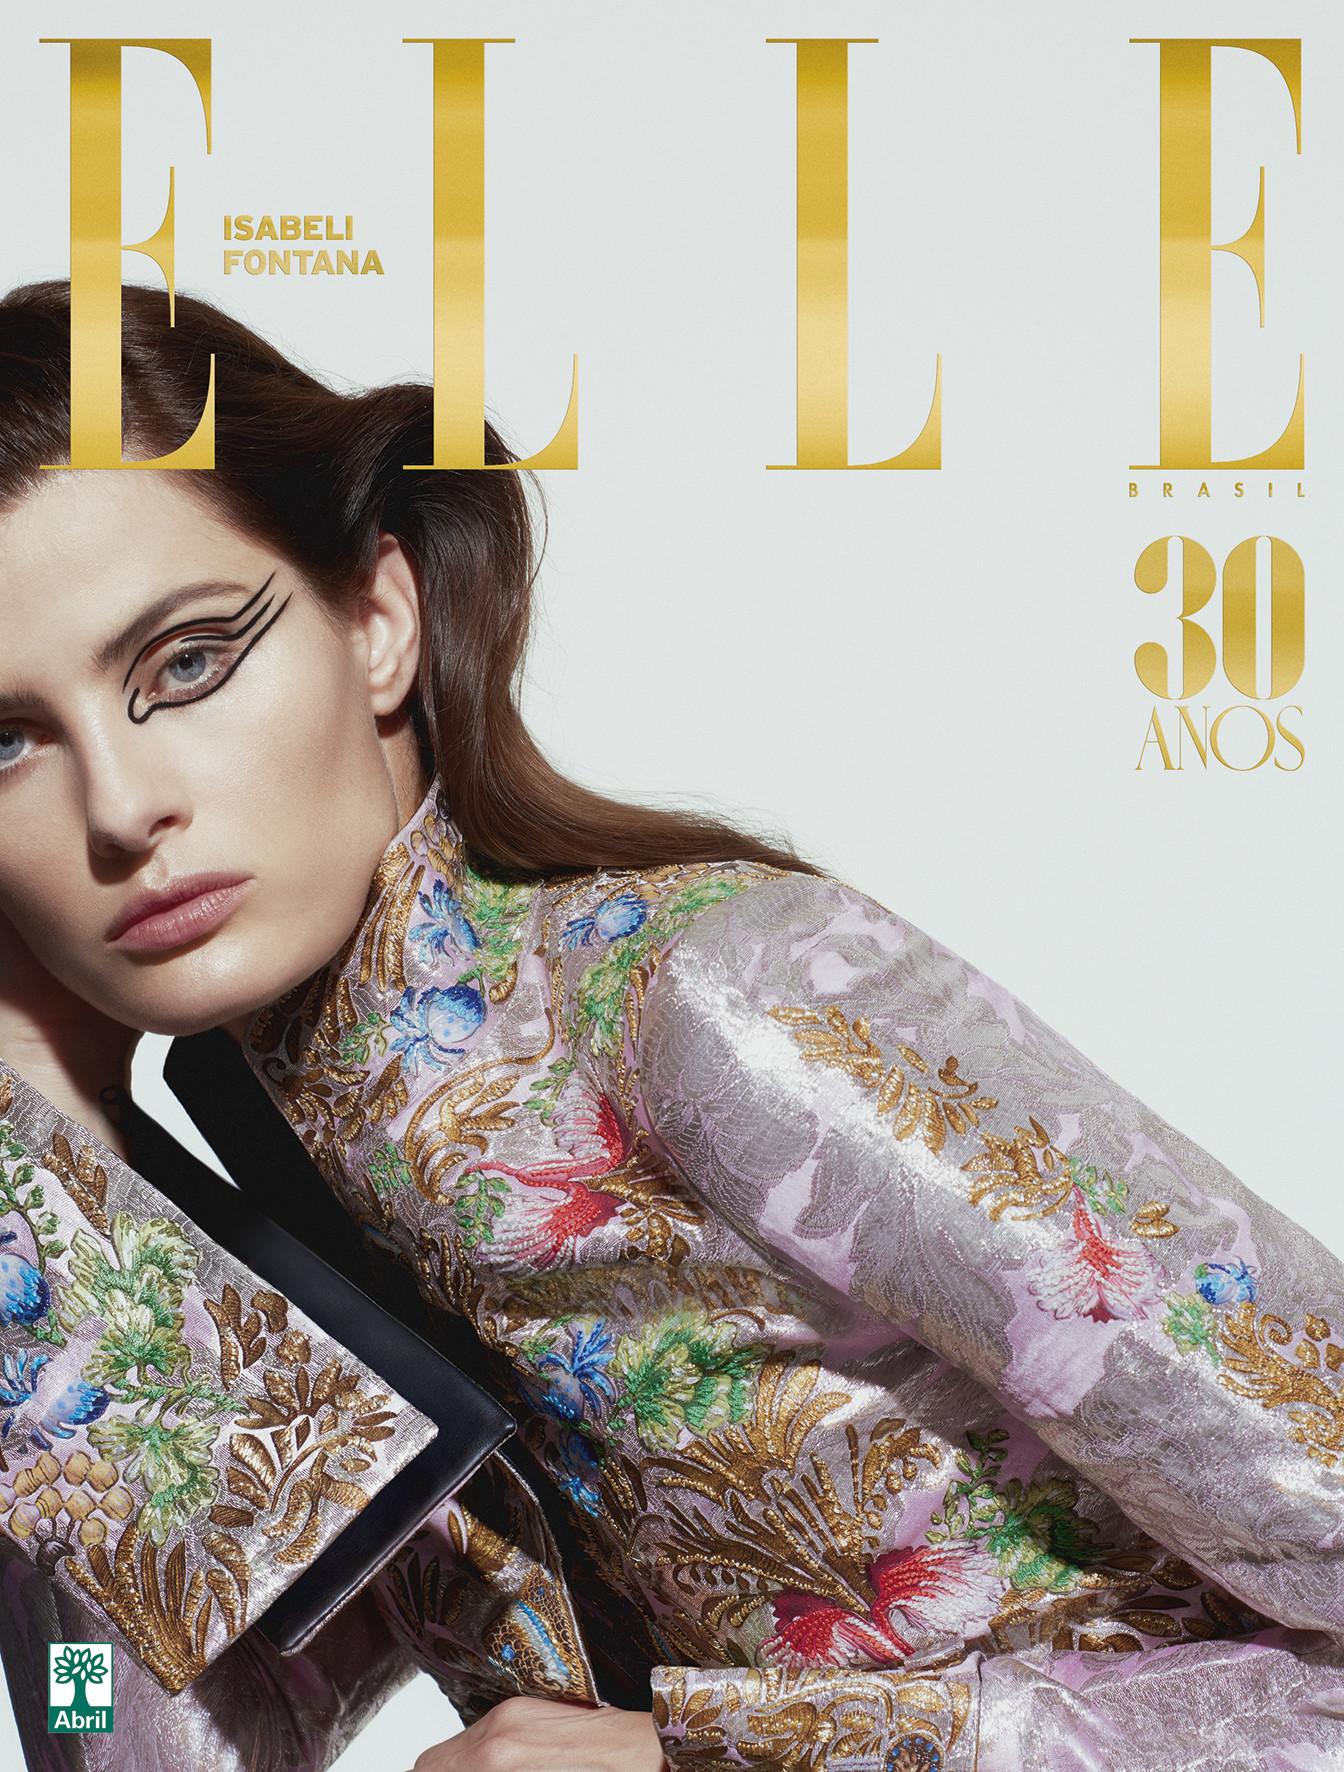 Agencias de Modelos - Isabeli Fontana para Elle Brasil Maio 2018 04